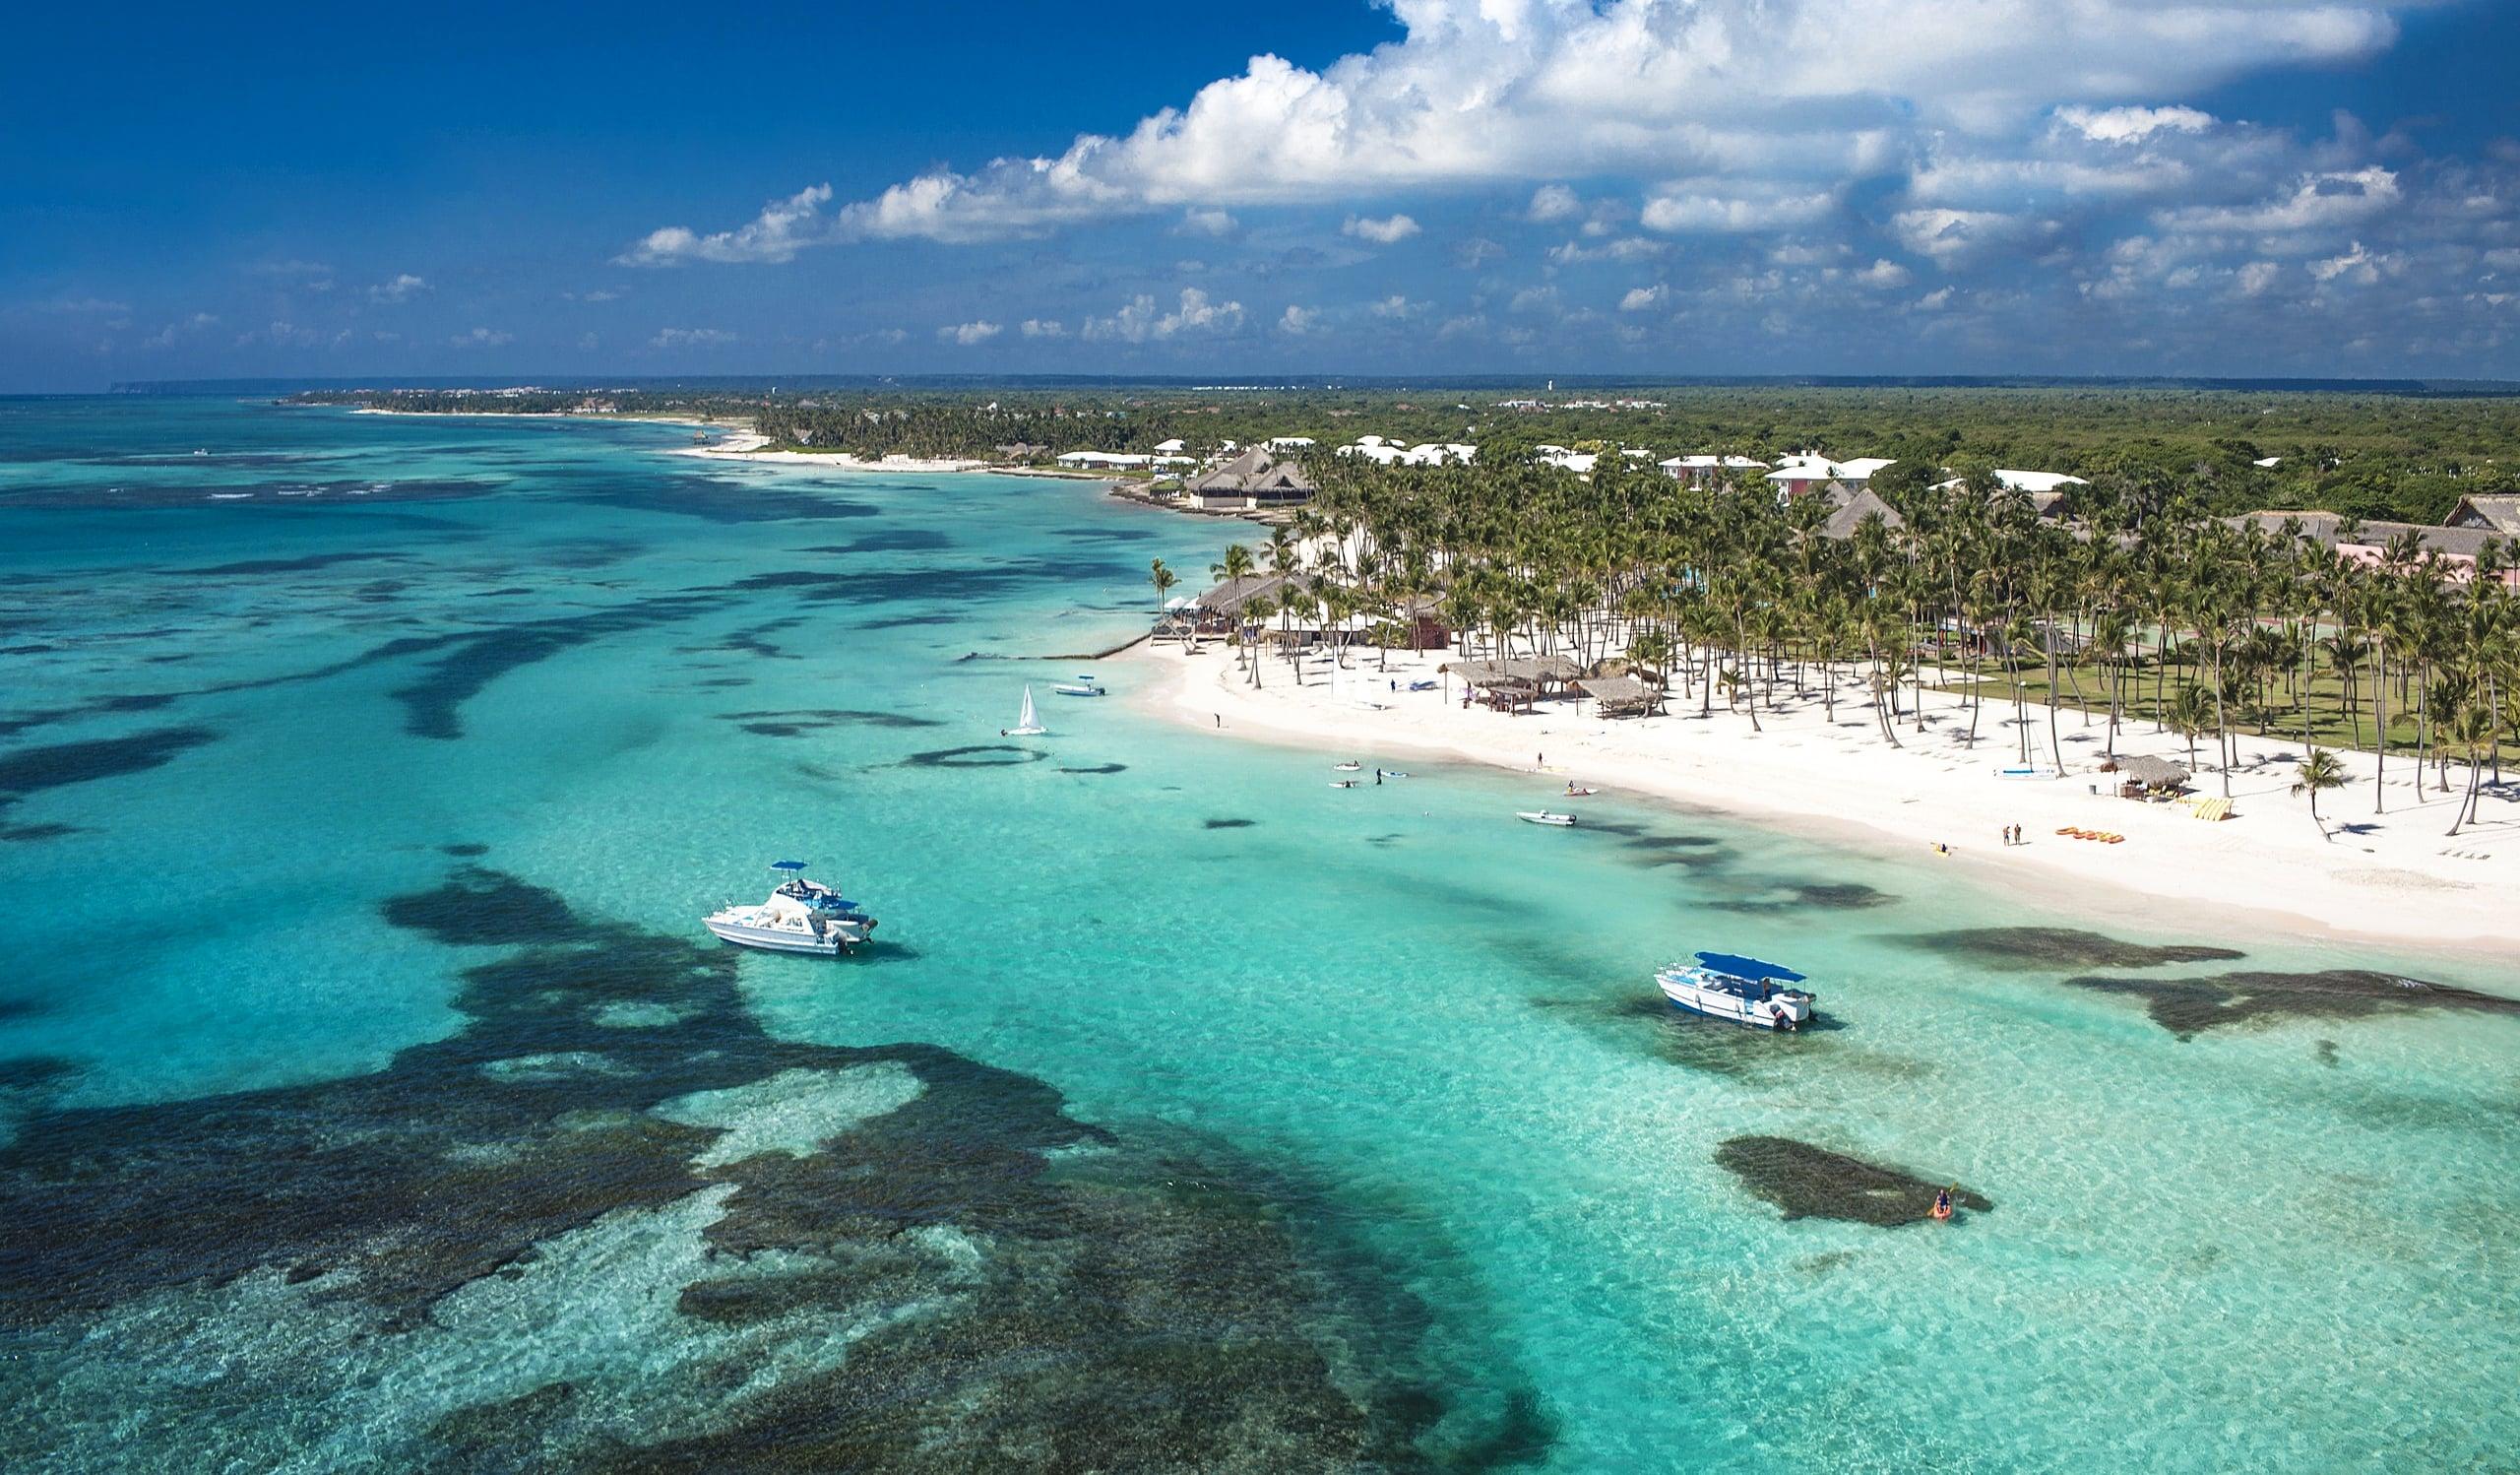 Wakacje all inclusive na Dominikanie